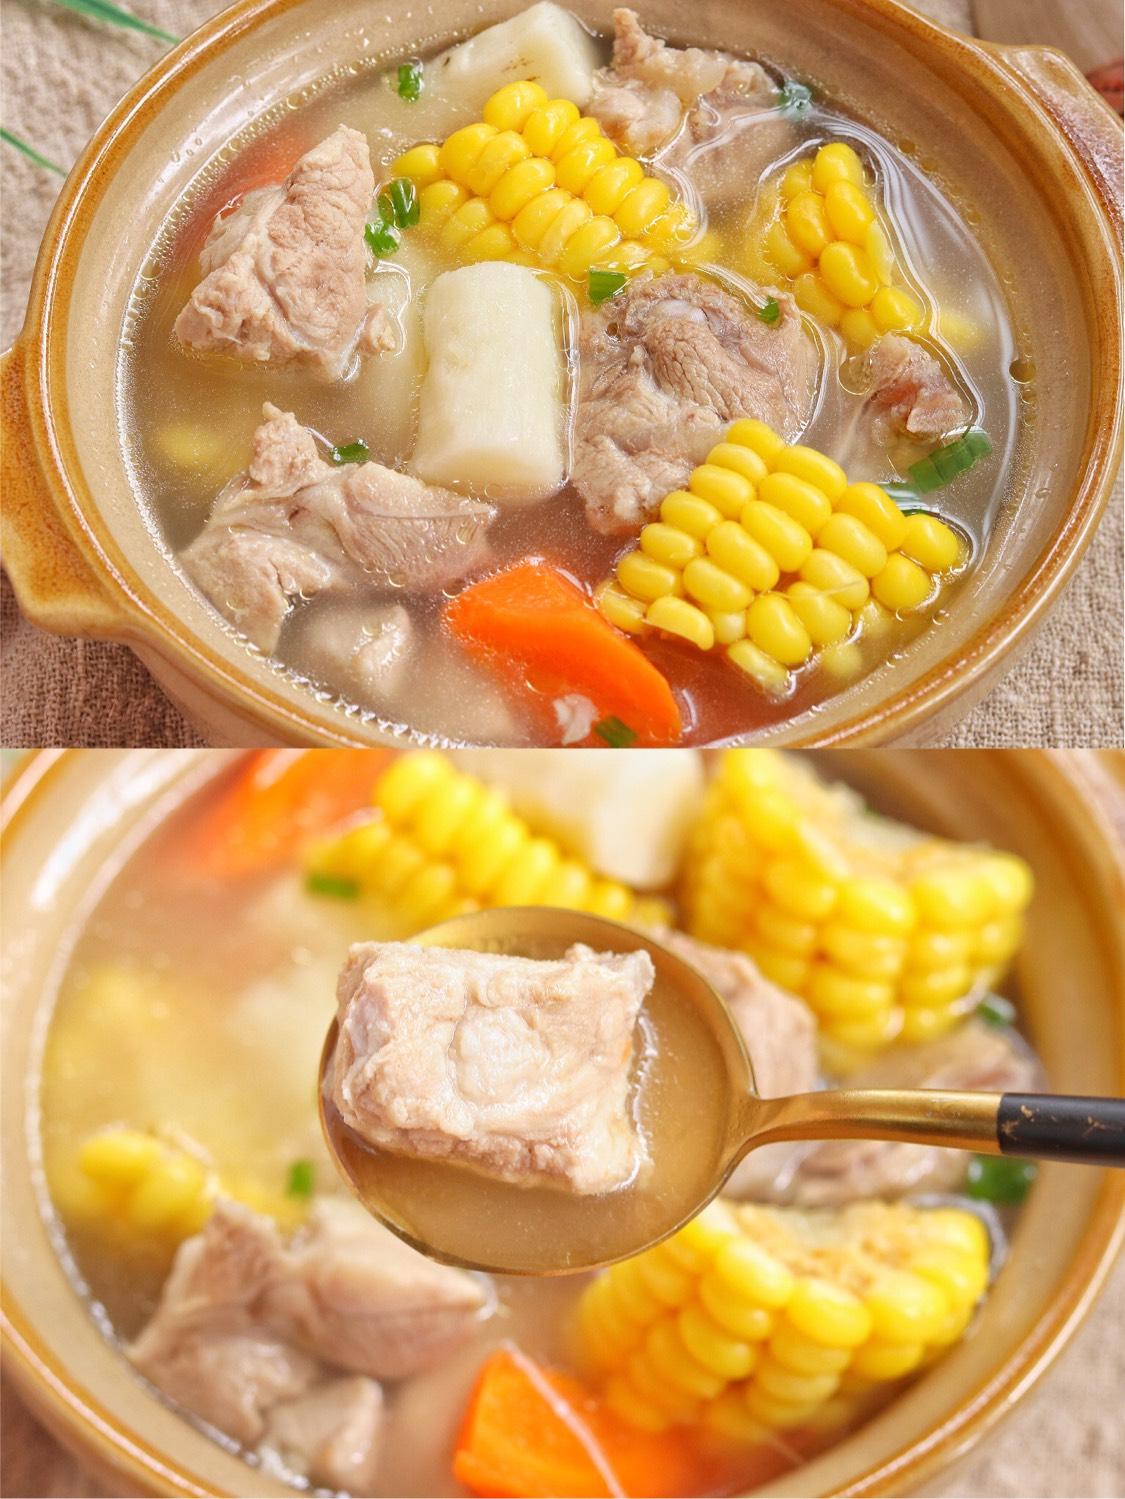 鲜美好喝❗️无敌好喝的山药玉米猪骨汤,老少皆宜养生养胃